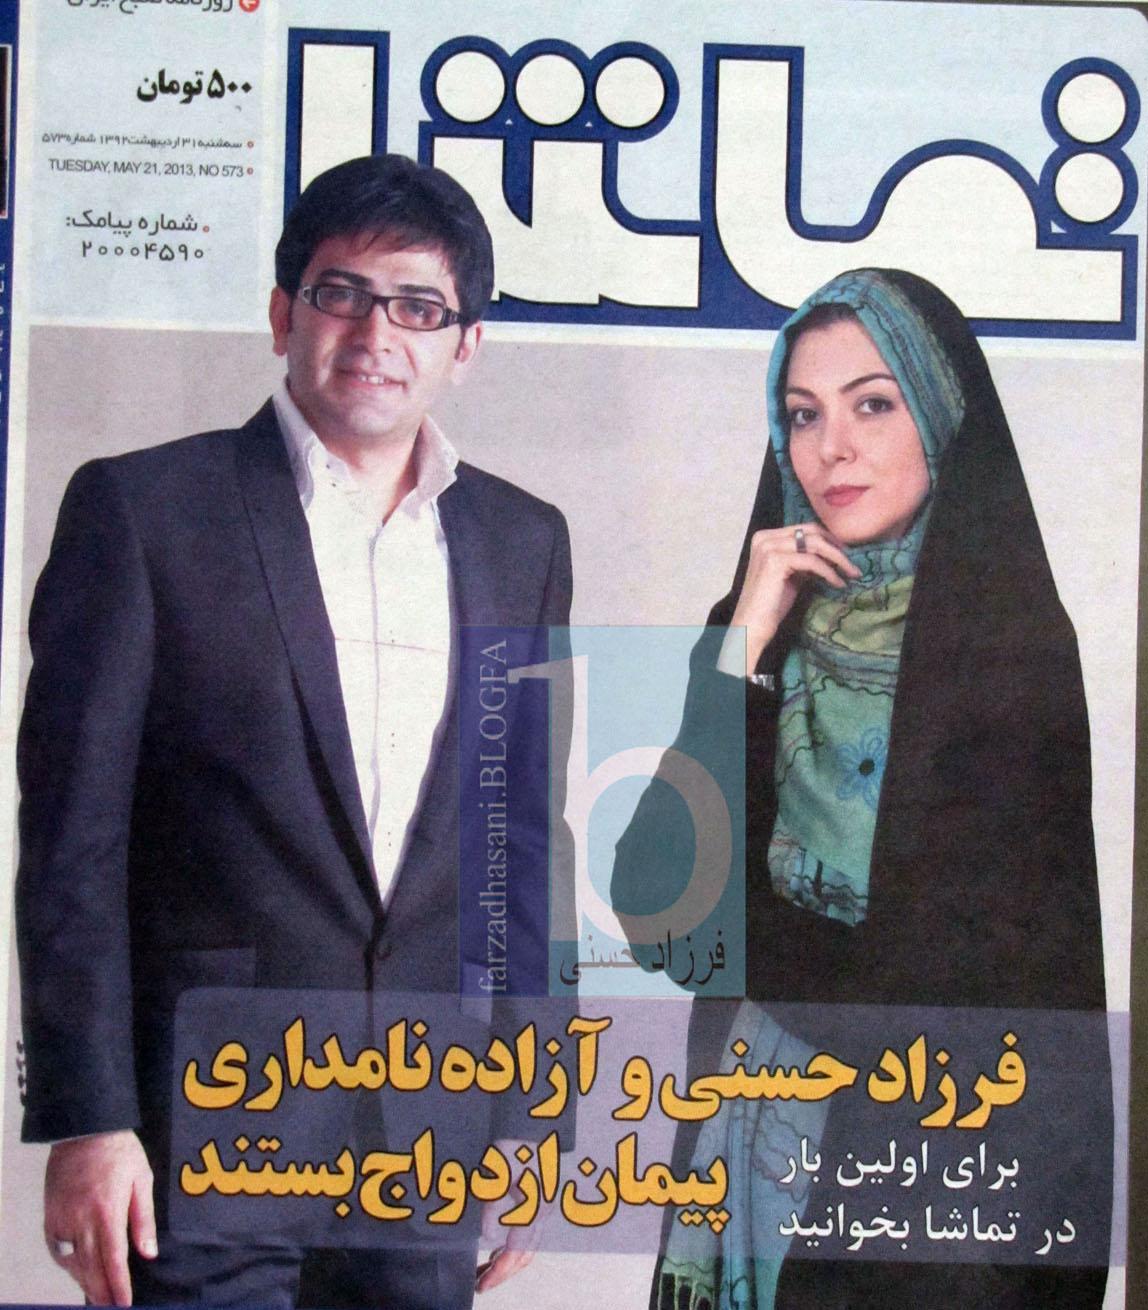 صحبت های فرزاد حسنی و آزاده  عکس های عقدکنان فرزاد حسنی و آزاده